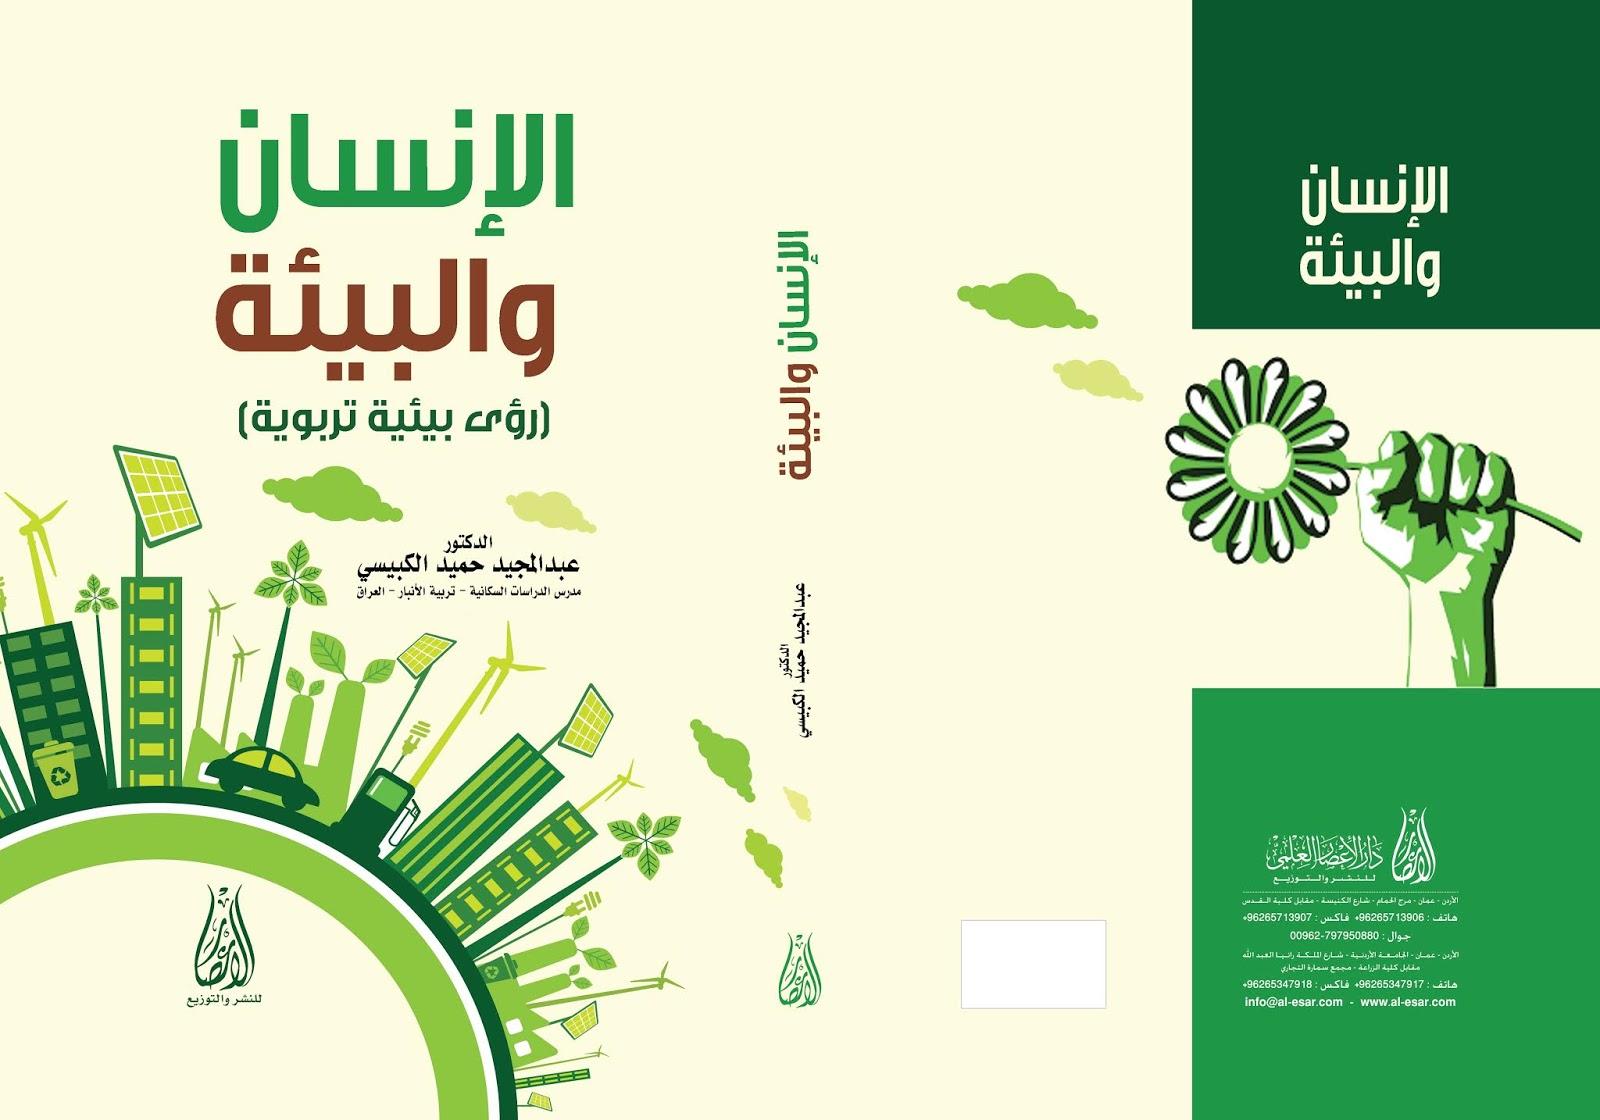 قضايا التدريب التربوي د عبدالمجيد حميد الكبيسي كتاب الإنسان والبيئة رؤى بيئية تربوية